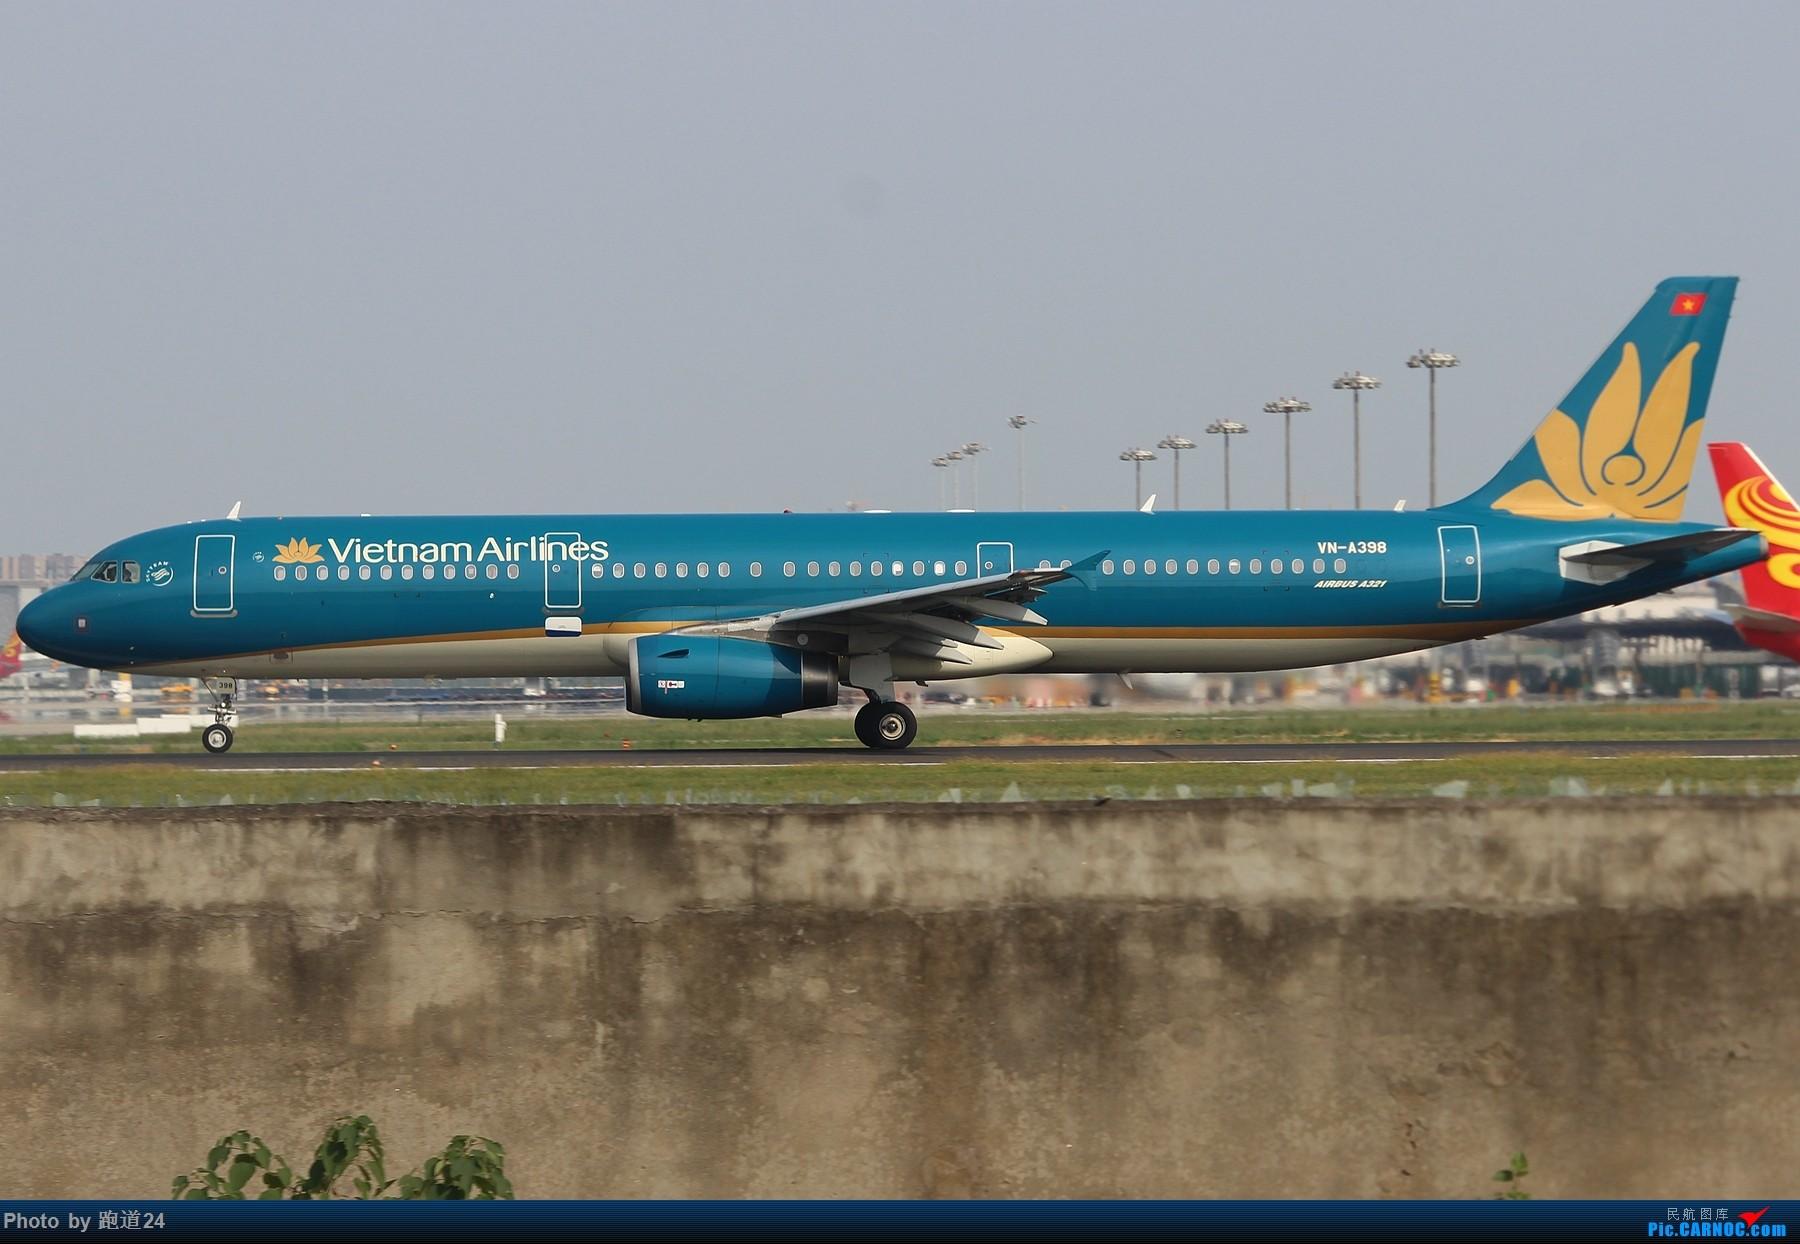 Re:[原创][多图党]8月31日CTU拍机 1800*1200 AIRBUS A321-200 VN-A398 中国成都双流国际机场